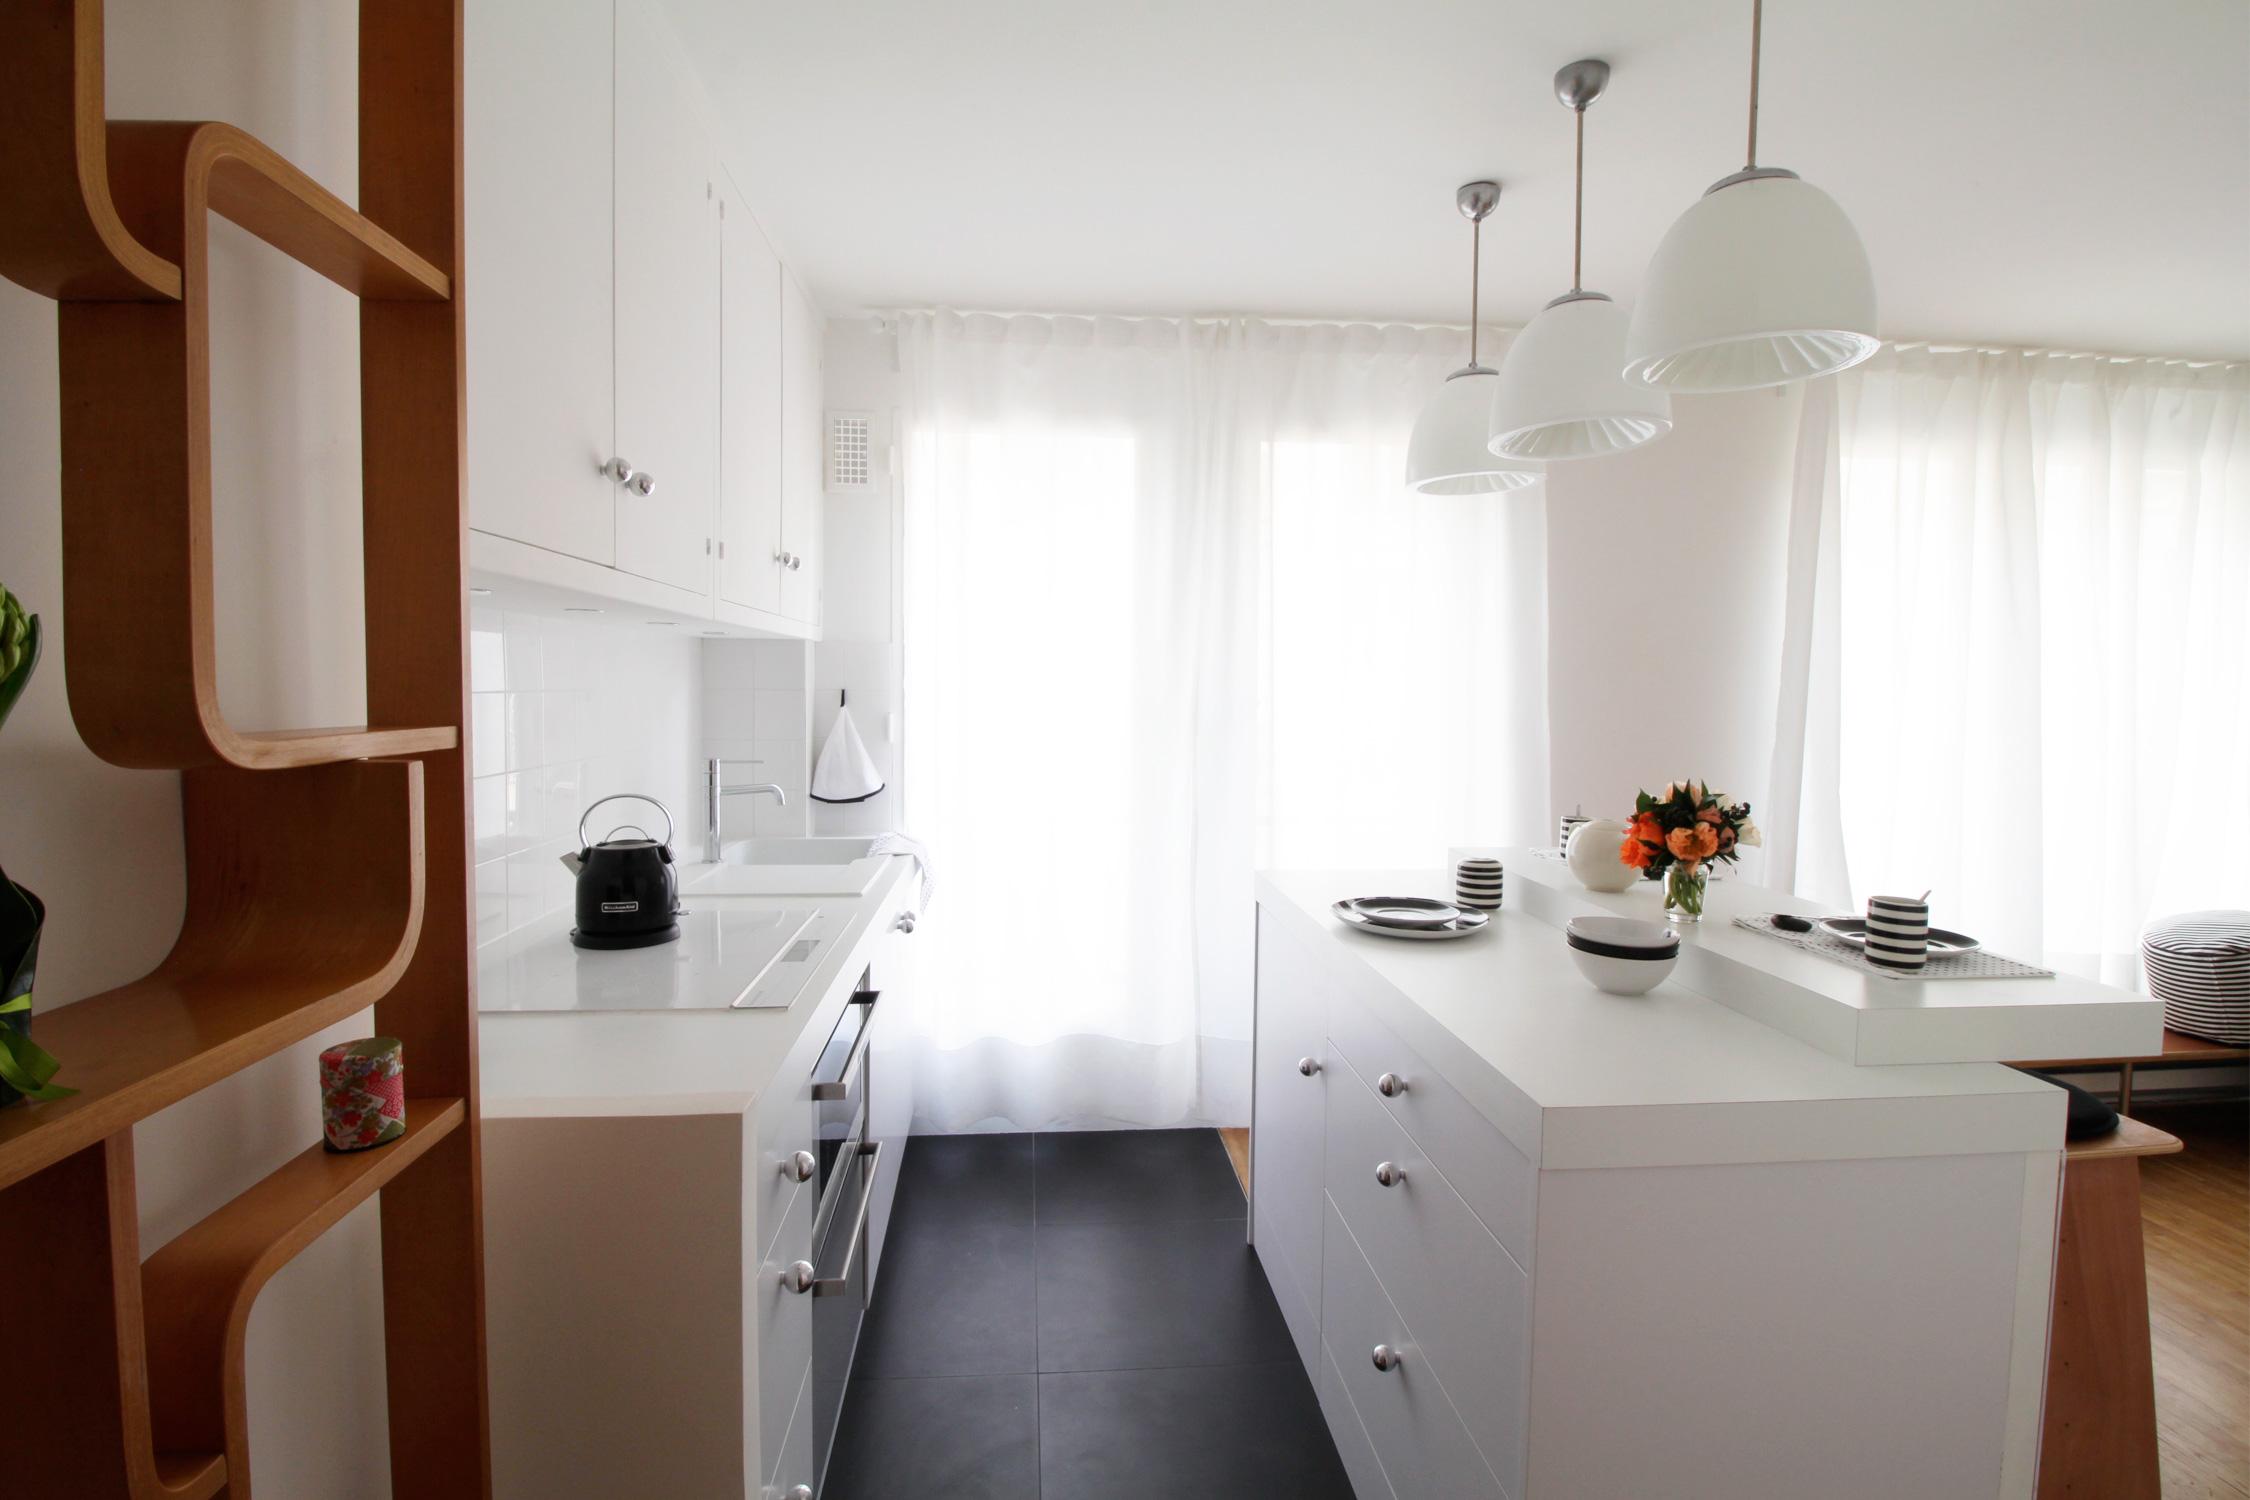 Murs et merveilles - rénovation appartement pairs cherche-midi - studio - cuisine blanche sur-mesure avec ilot